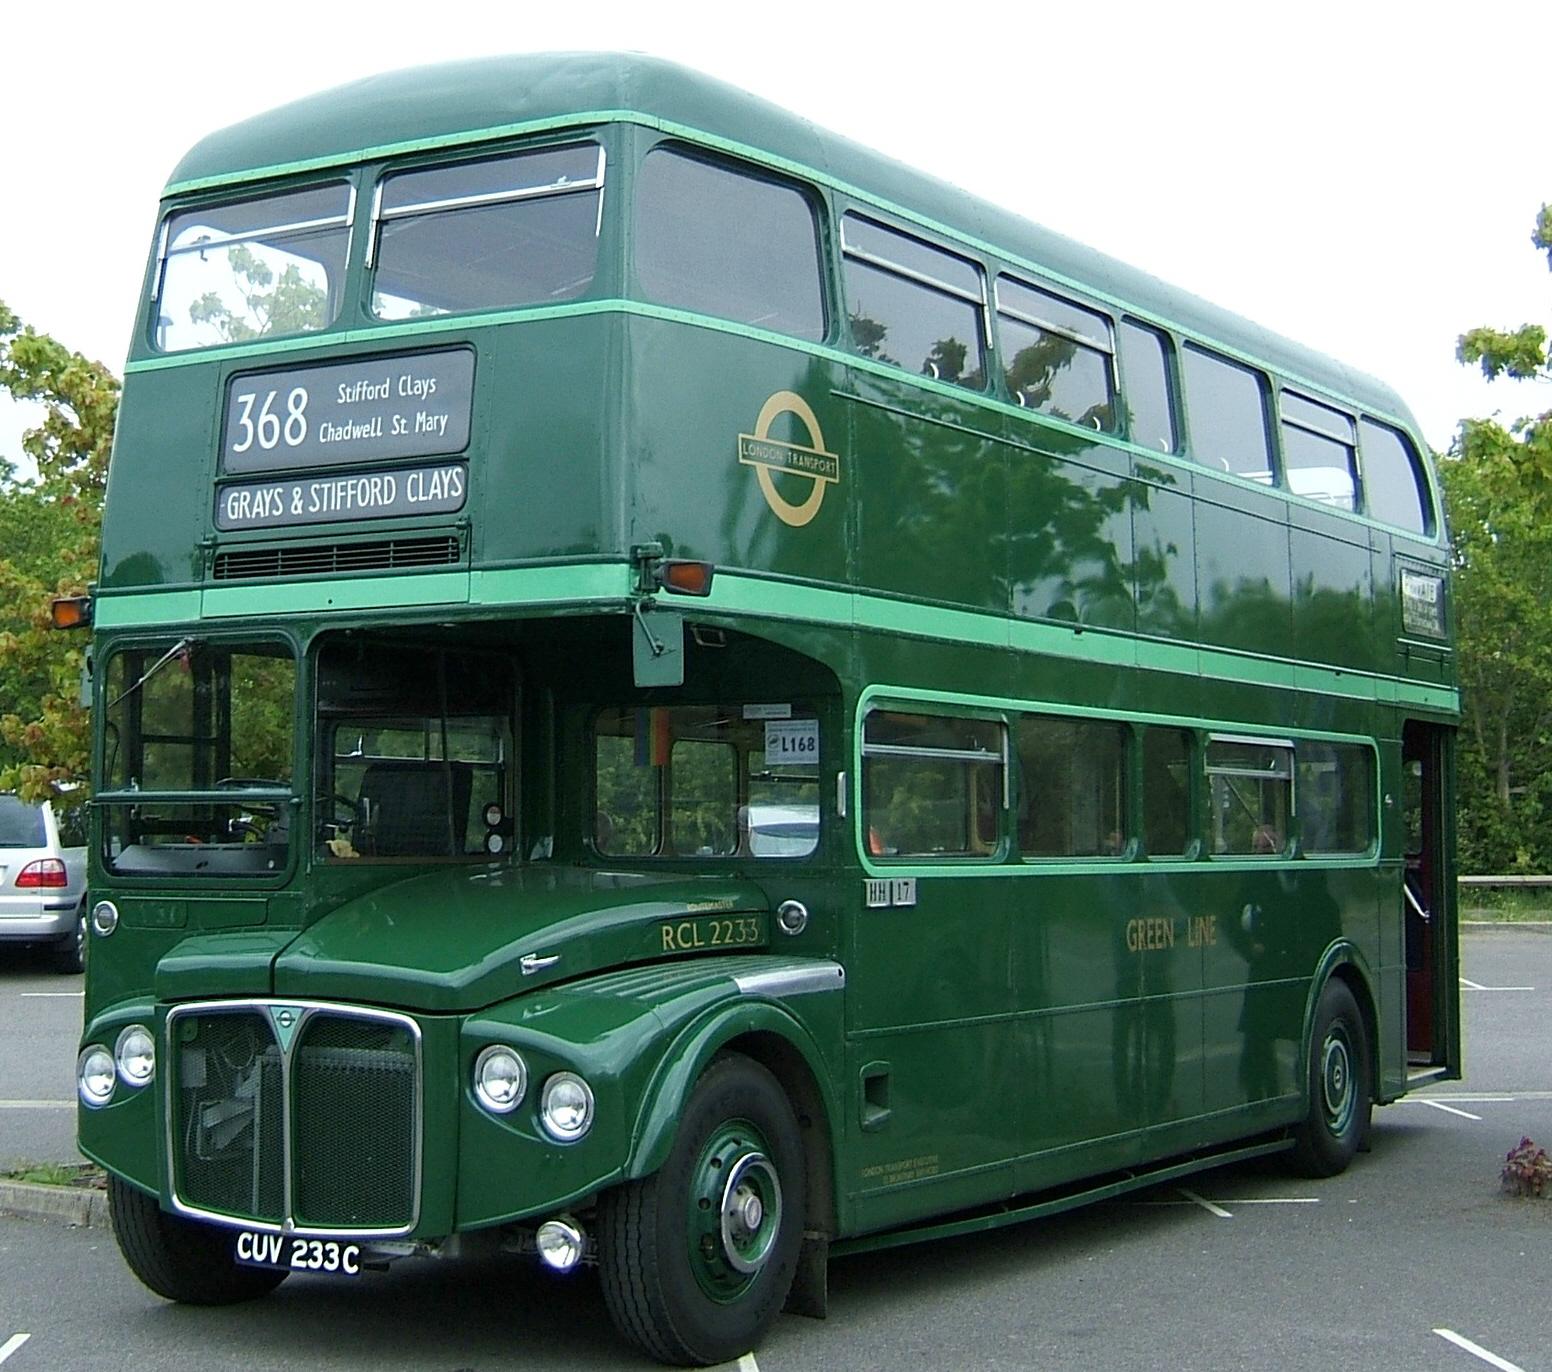 Typický londýnský autobus je sice červený, neznamená to ale, že by neexistovaly také další barevné varianty. Pro tzv. zelené příměstské linky bylo zhotoveno 100 zelených Routemasterů RML (o délce 9,12 m). (zdroj: Wikipedia.org)